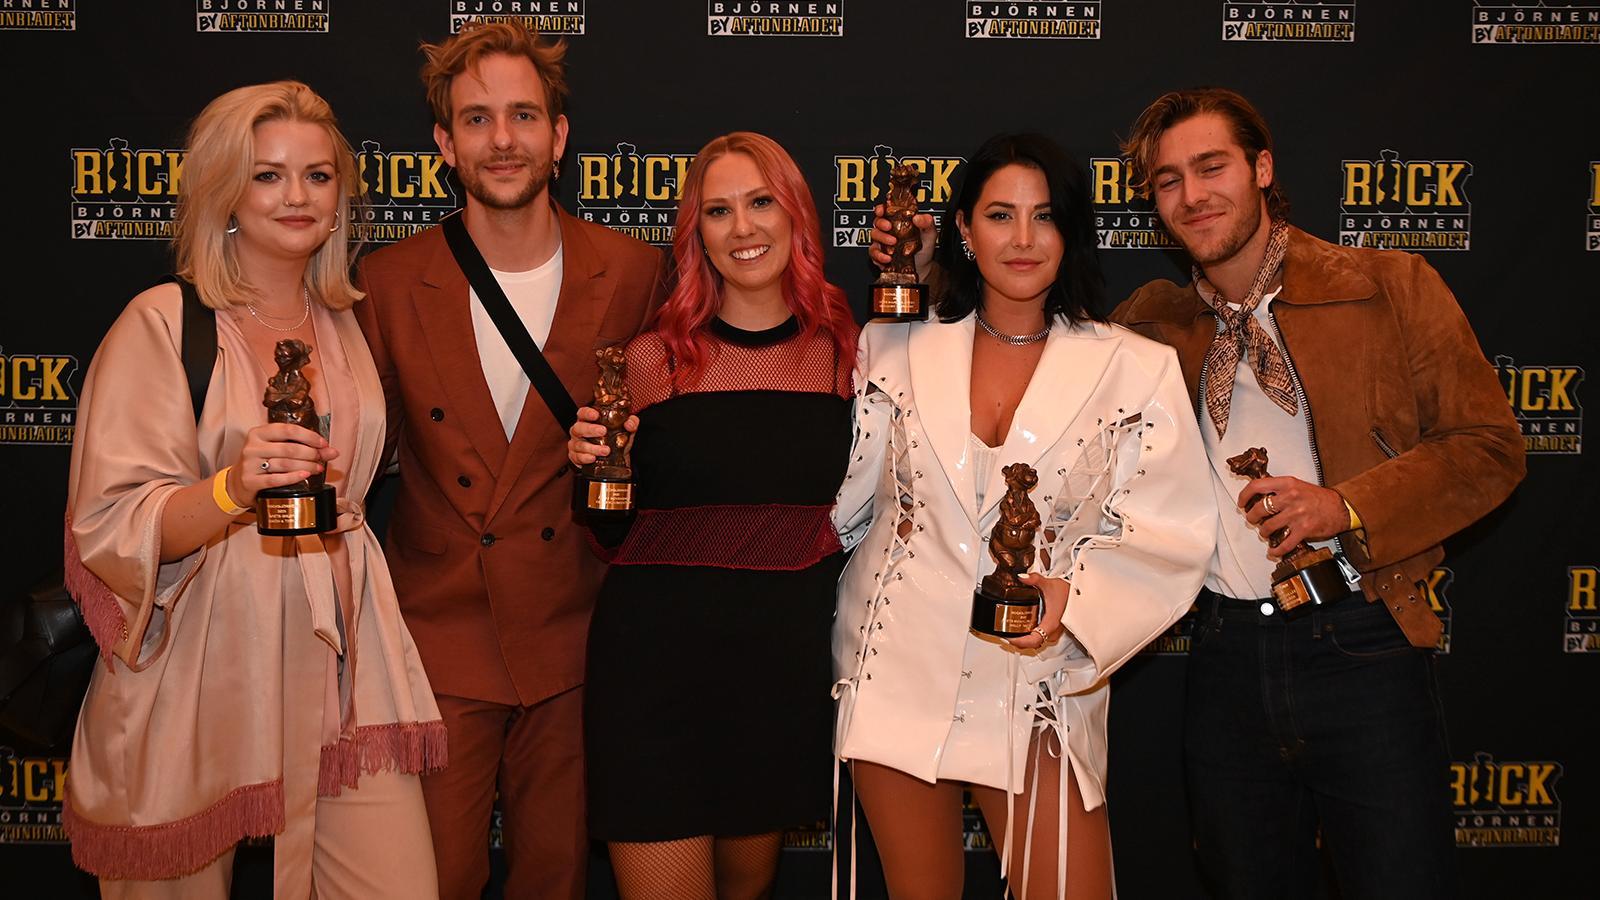 Alla pristagare i Rockbjörnen 2021. Från vänster Smith & Tell, Clara Klingenström, Molly Sandén och Benjamin Ingrosso.